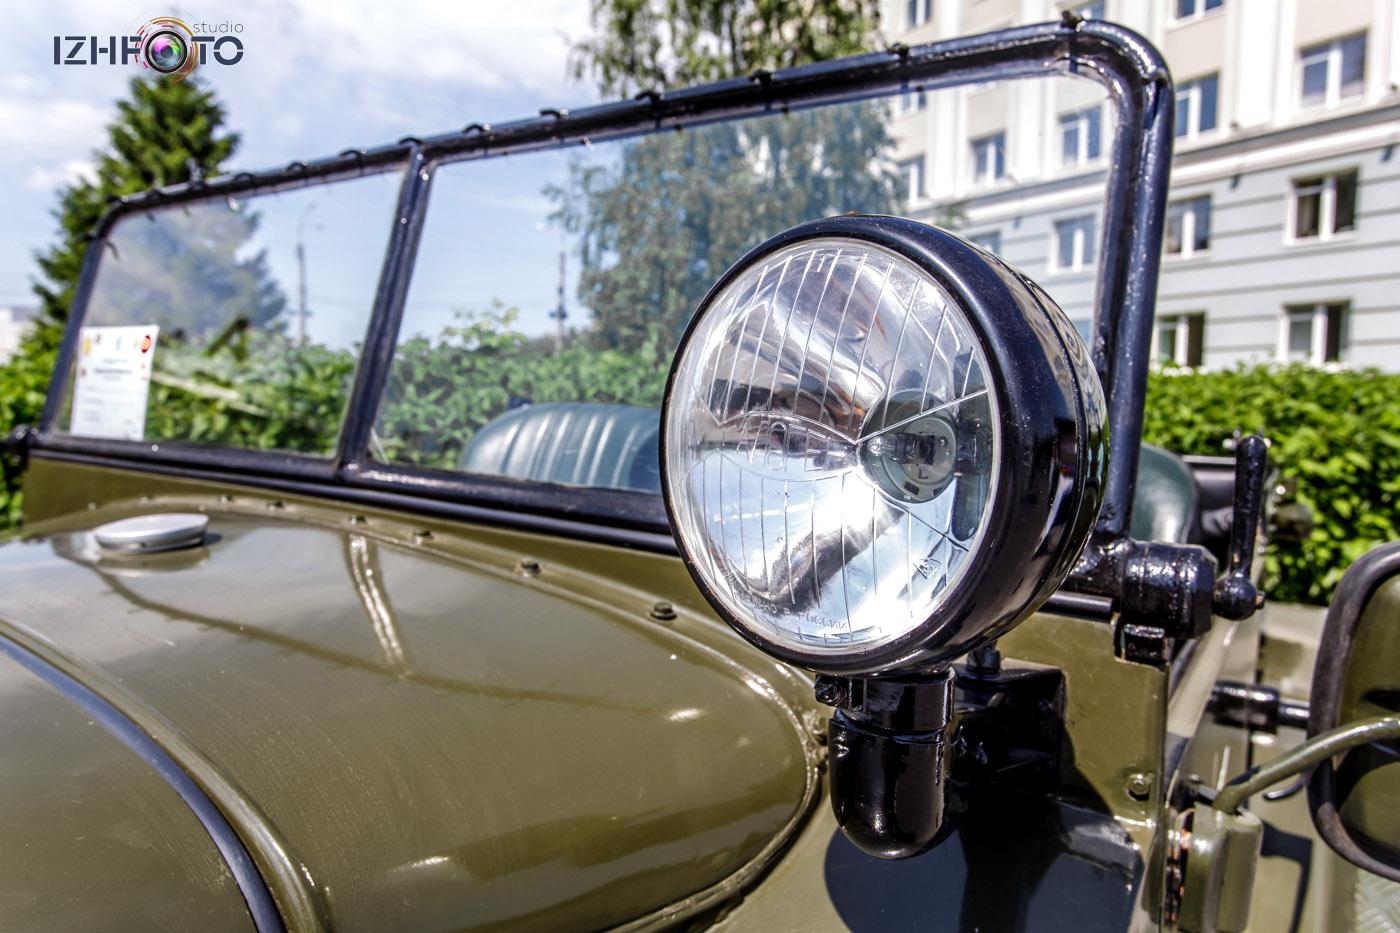 Автомобиль Willys MB (Виллис) ретро Фото